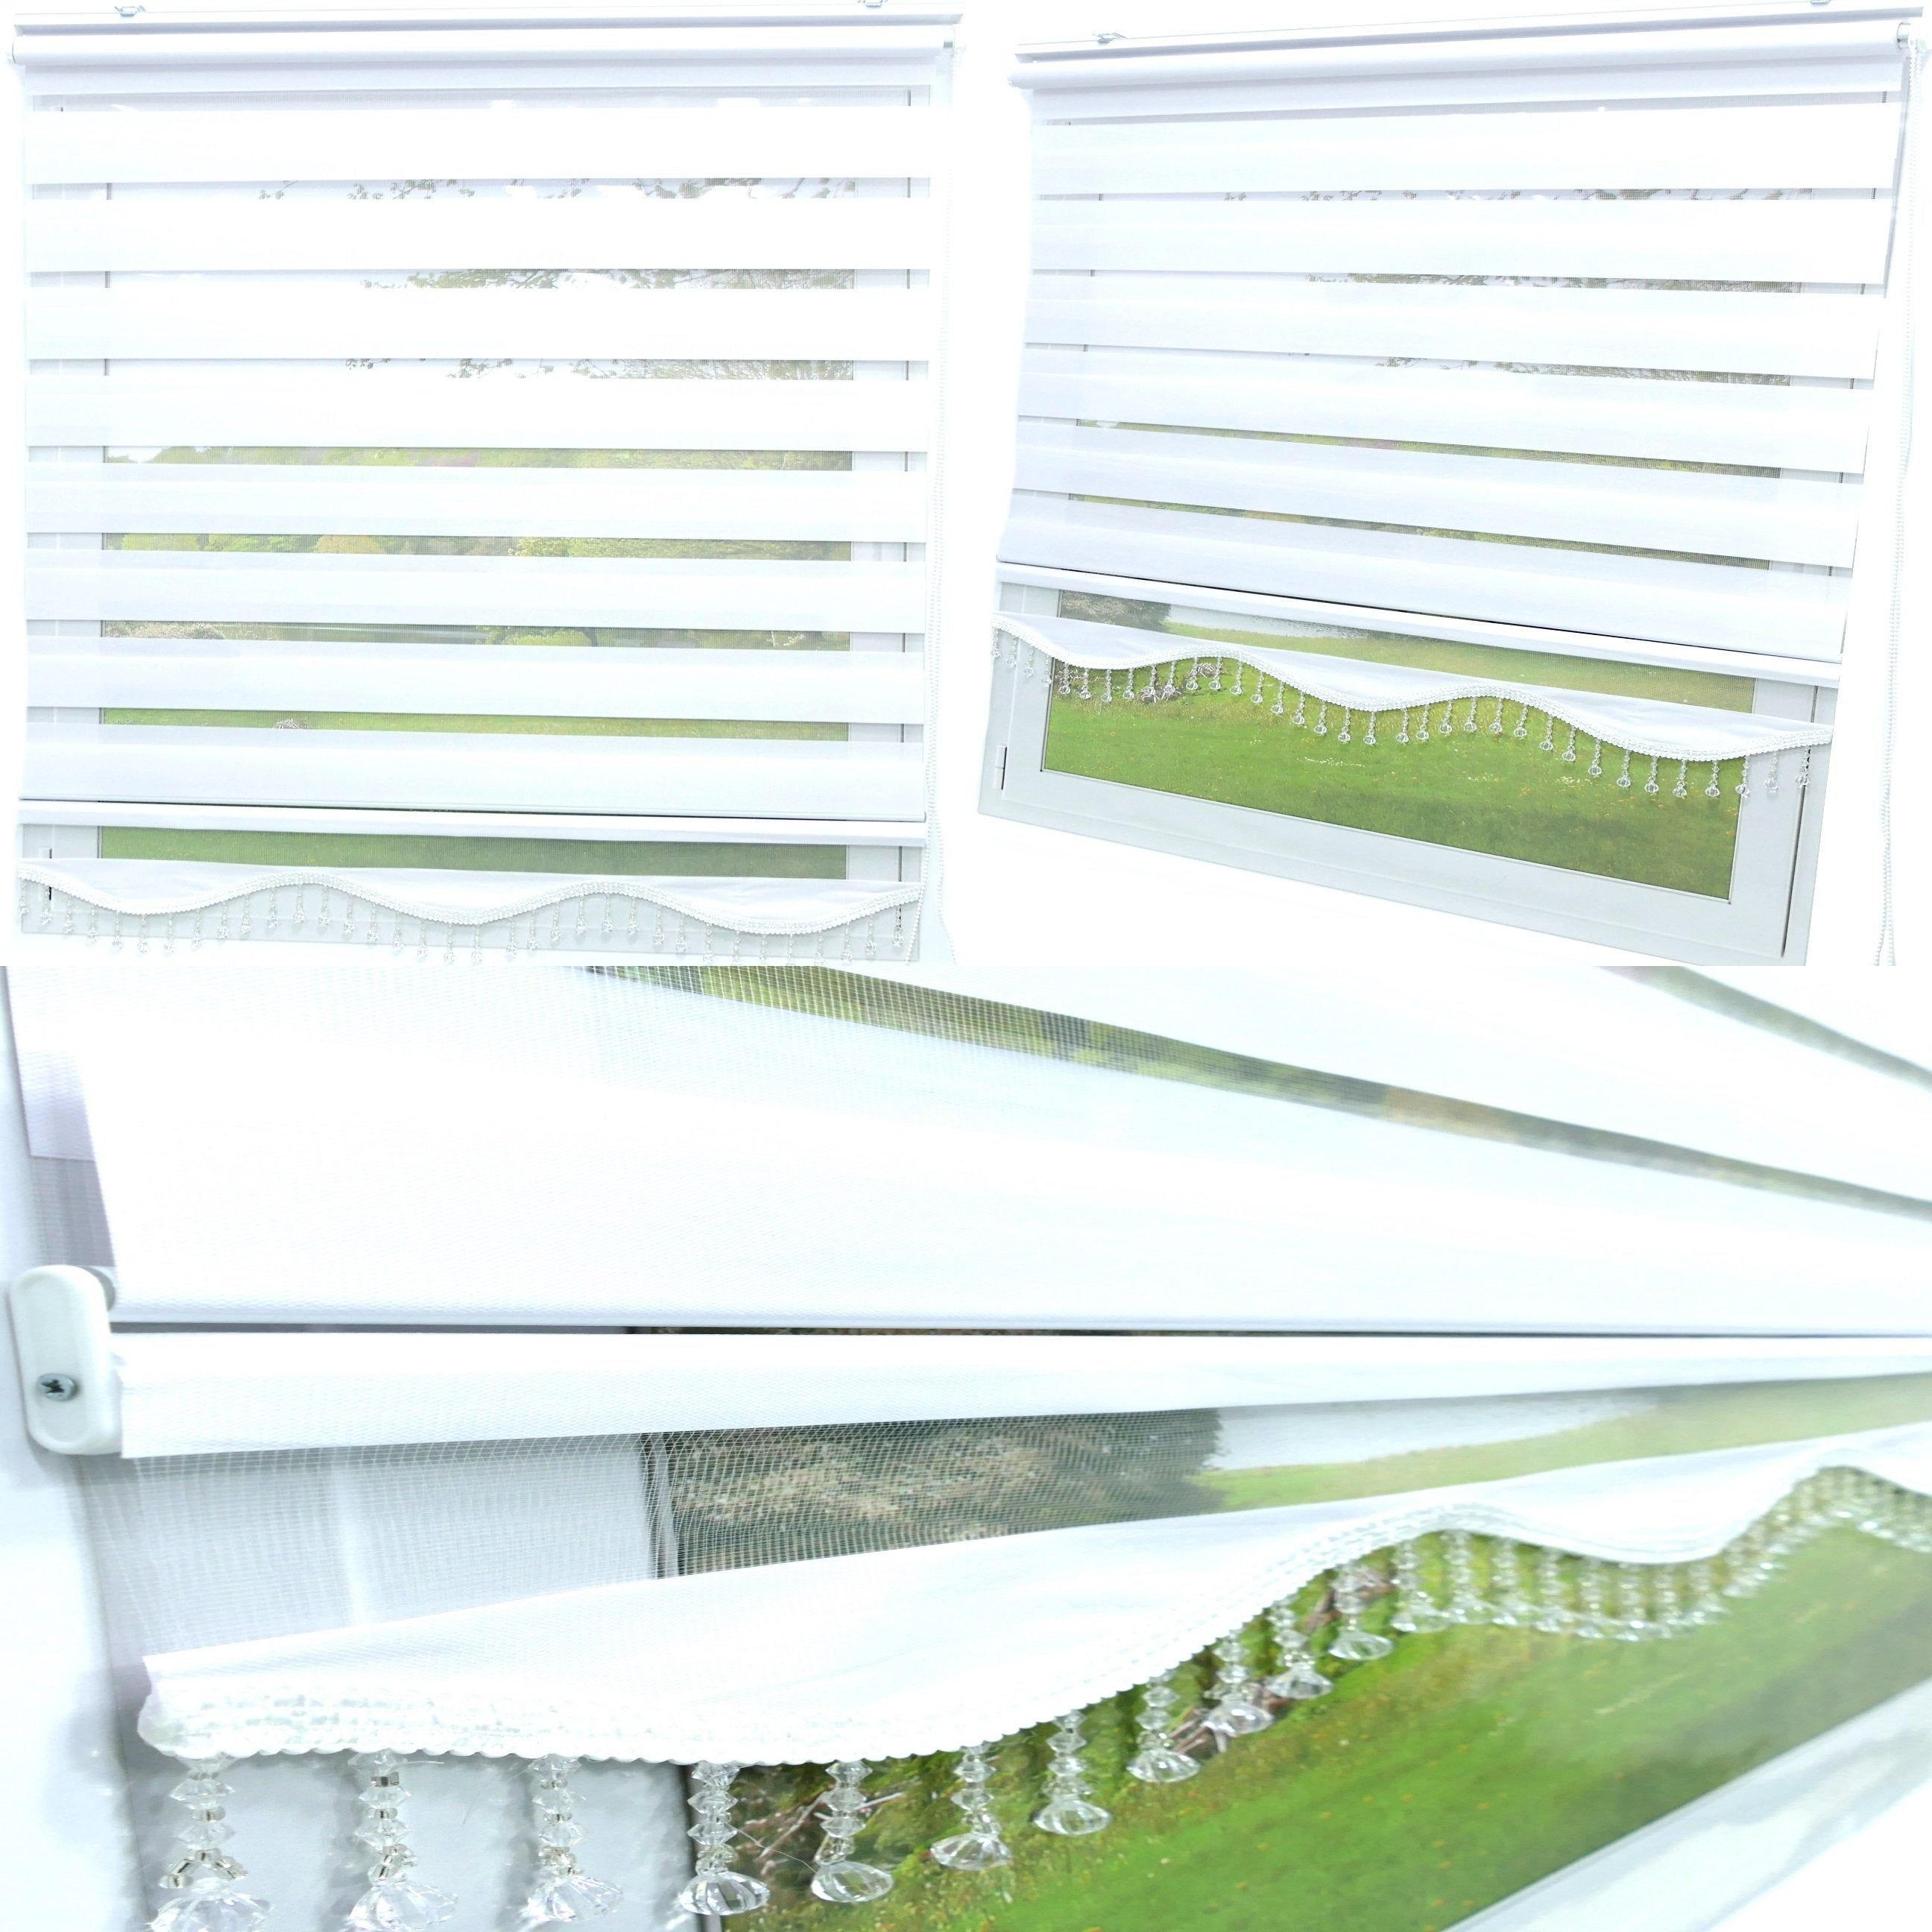 Doppelrollo Weiss Klemmfix Duo Rollo Ohne Bohren Fur Fenster Tur Anbringen Gardinen Mit Kristall Perlen Jalousie Raff Fenster Und Turen Rollos Rollo Ohne Bohren